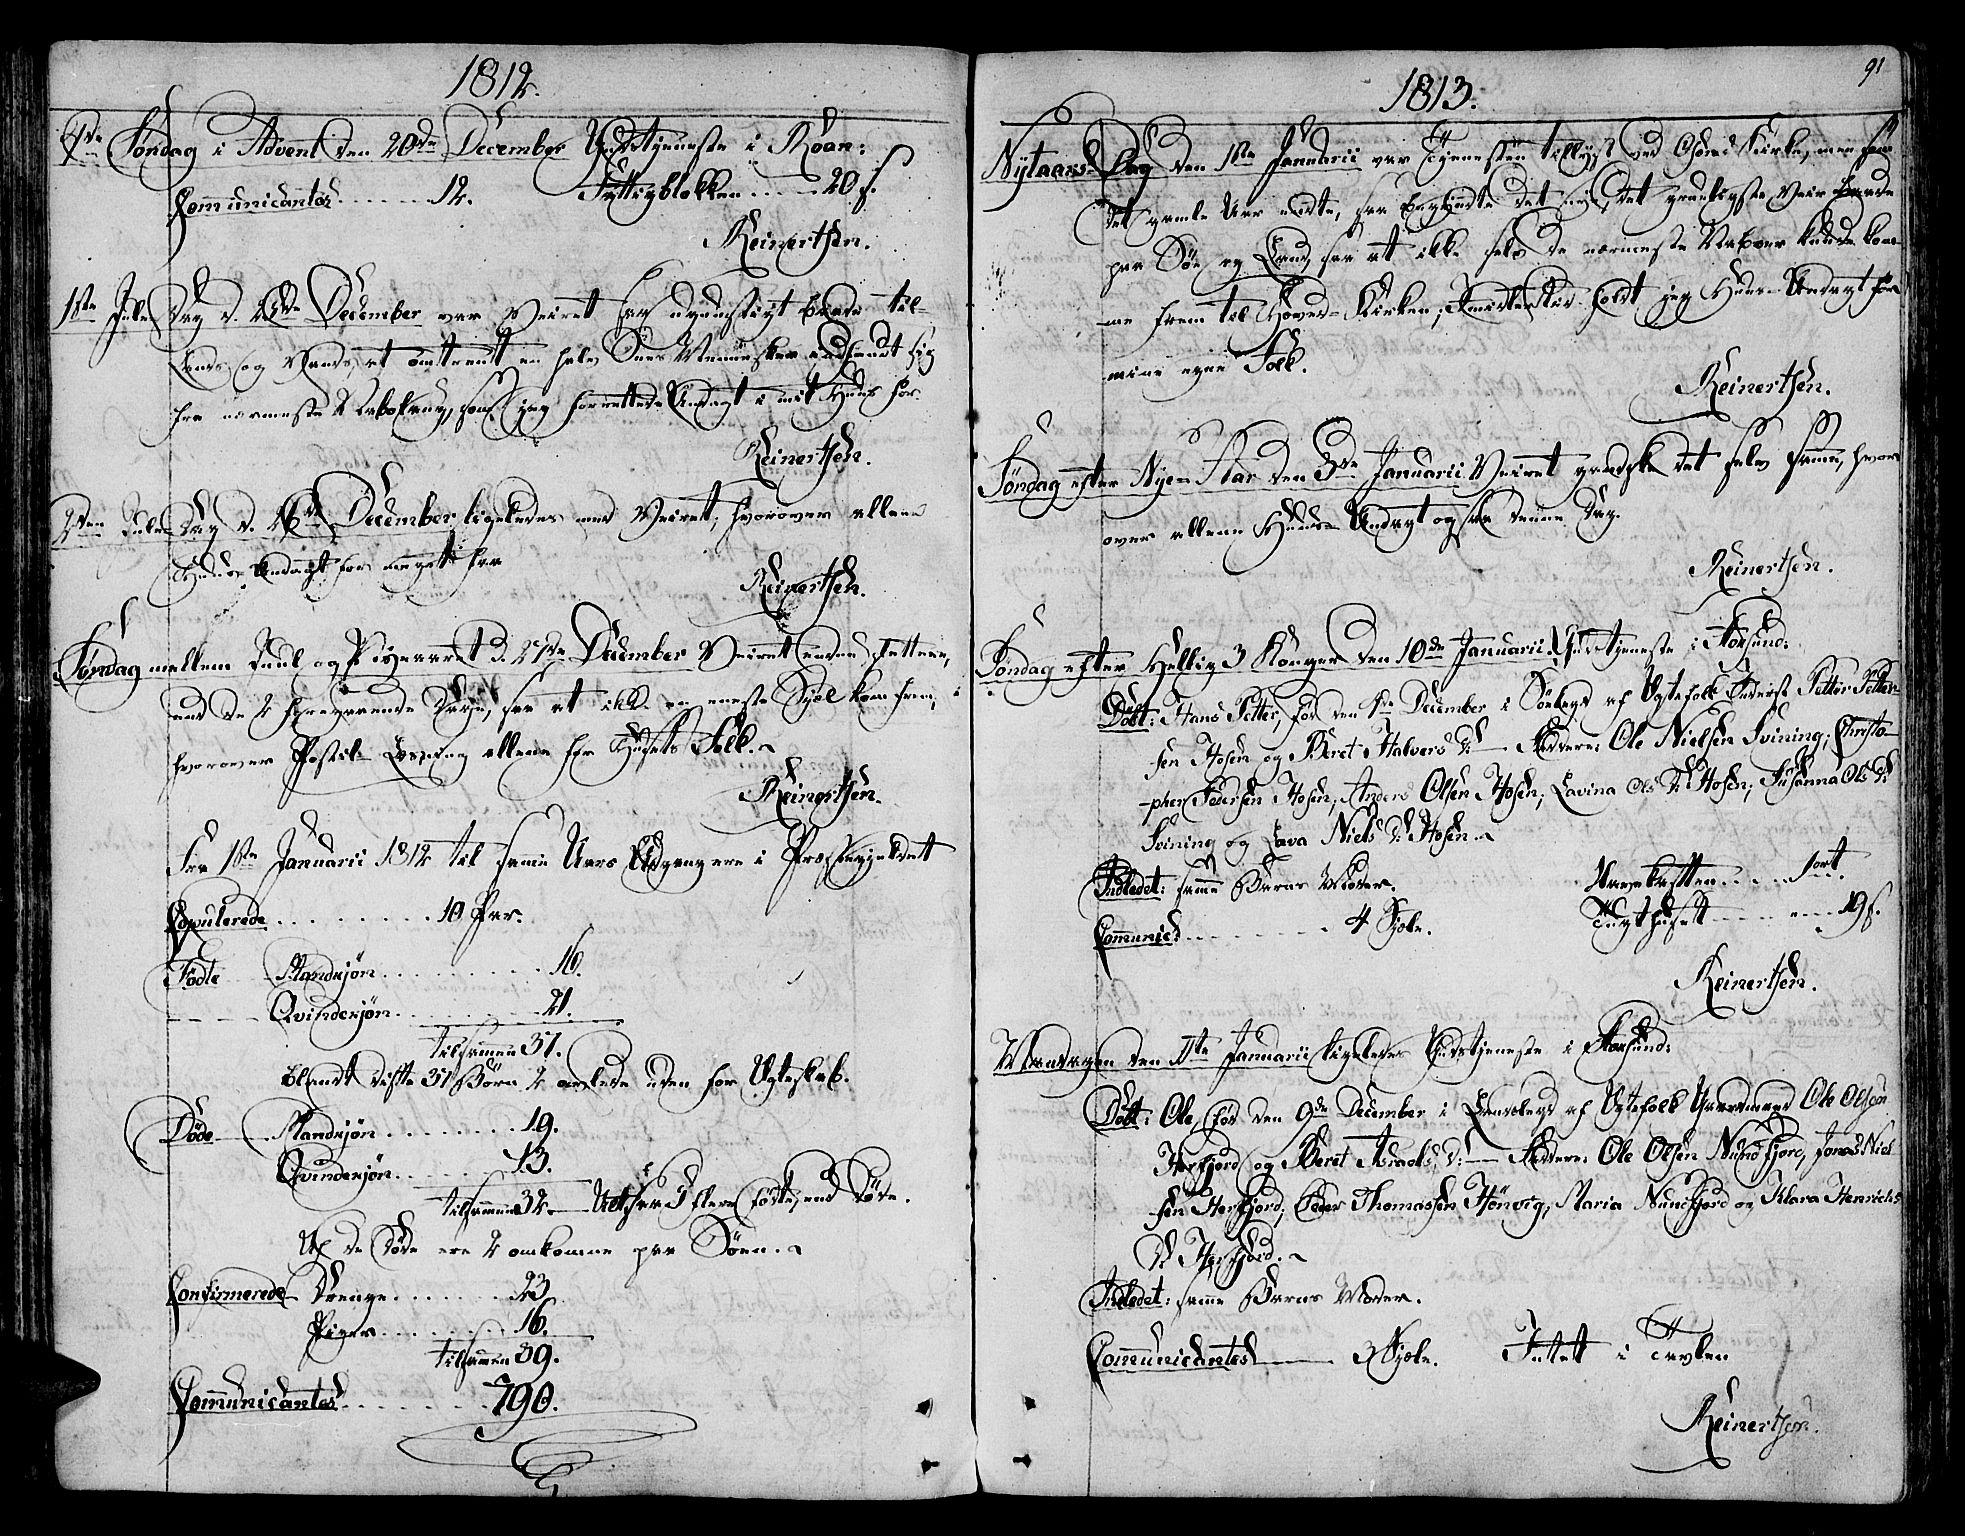 SAT, Ministerialprotokoller, klokkerbøker og fødselsregistre - Sør-Trøndelag, 657/L0701: Ministerialbok nr. 657A02, 1802-1831, s. 91